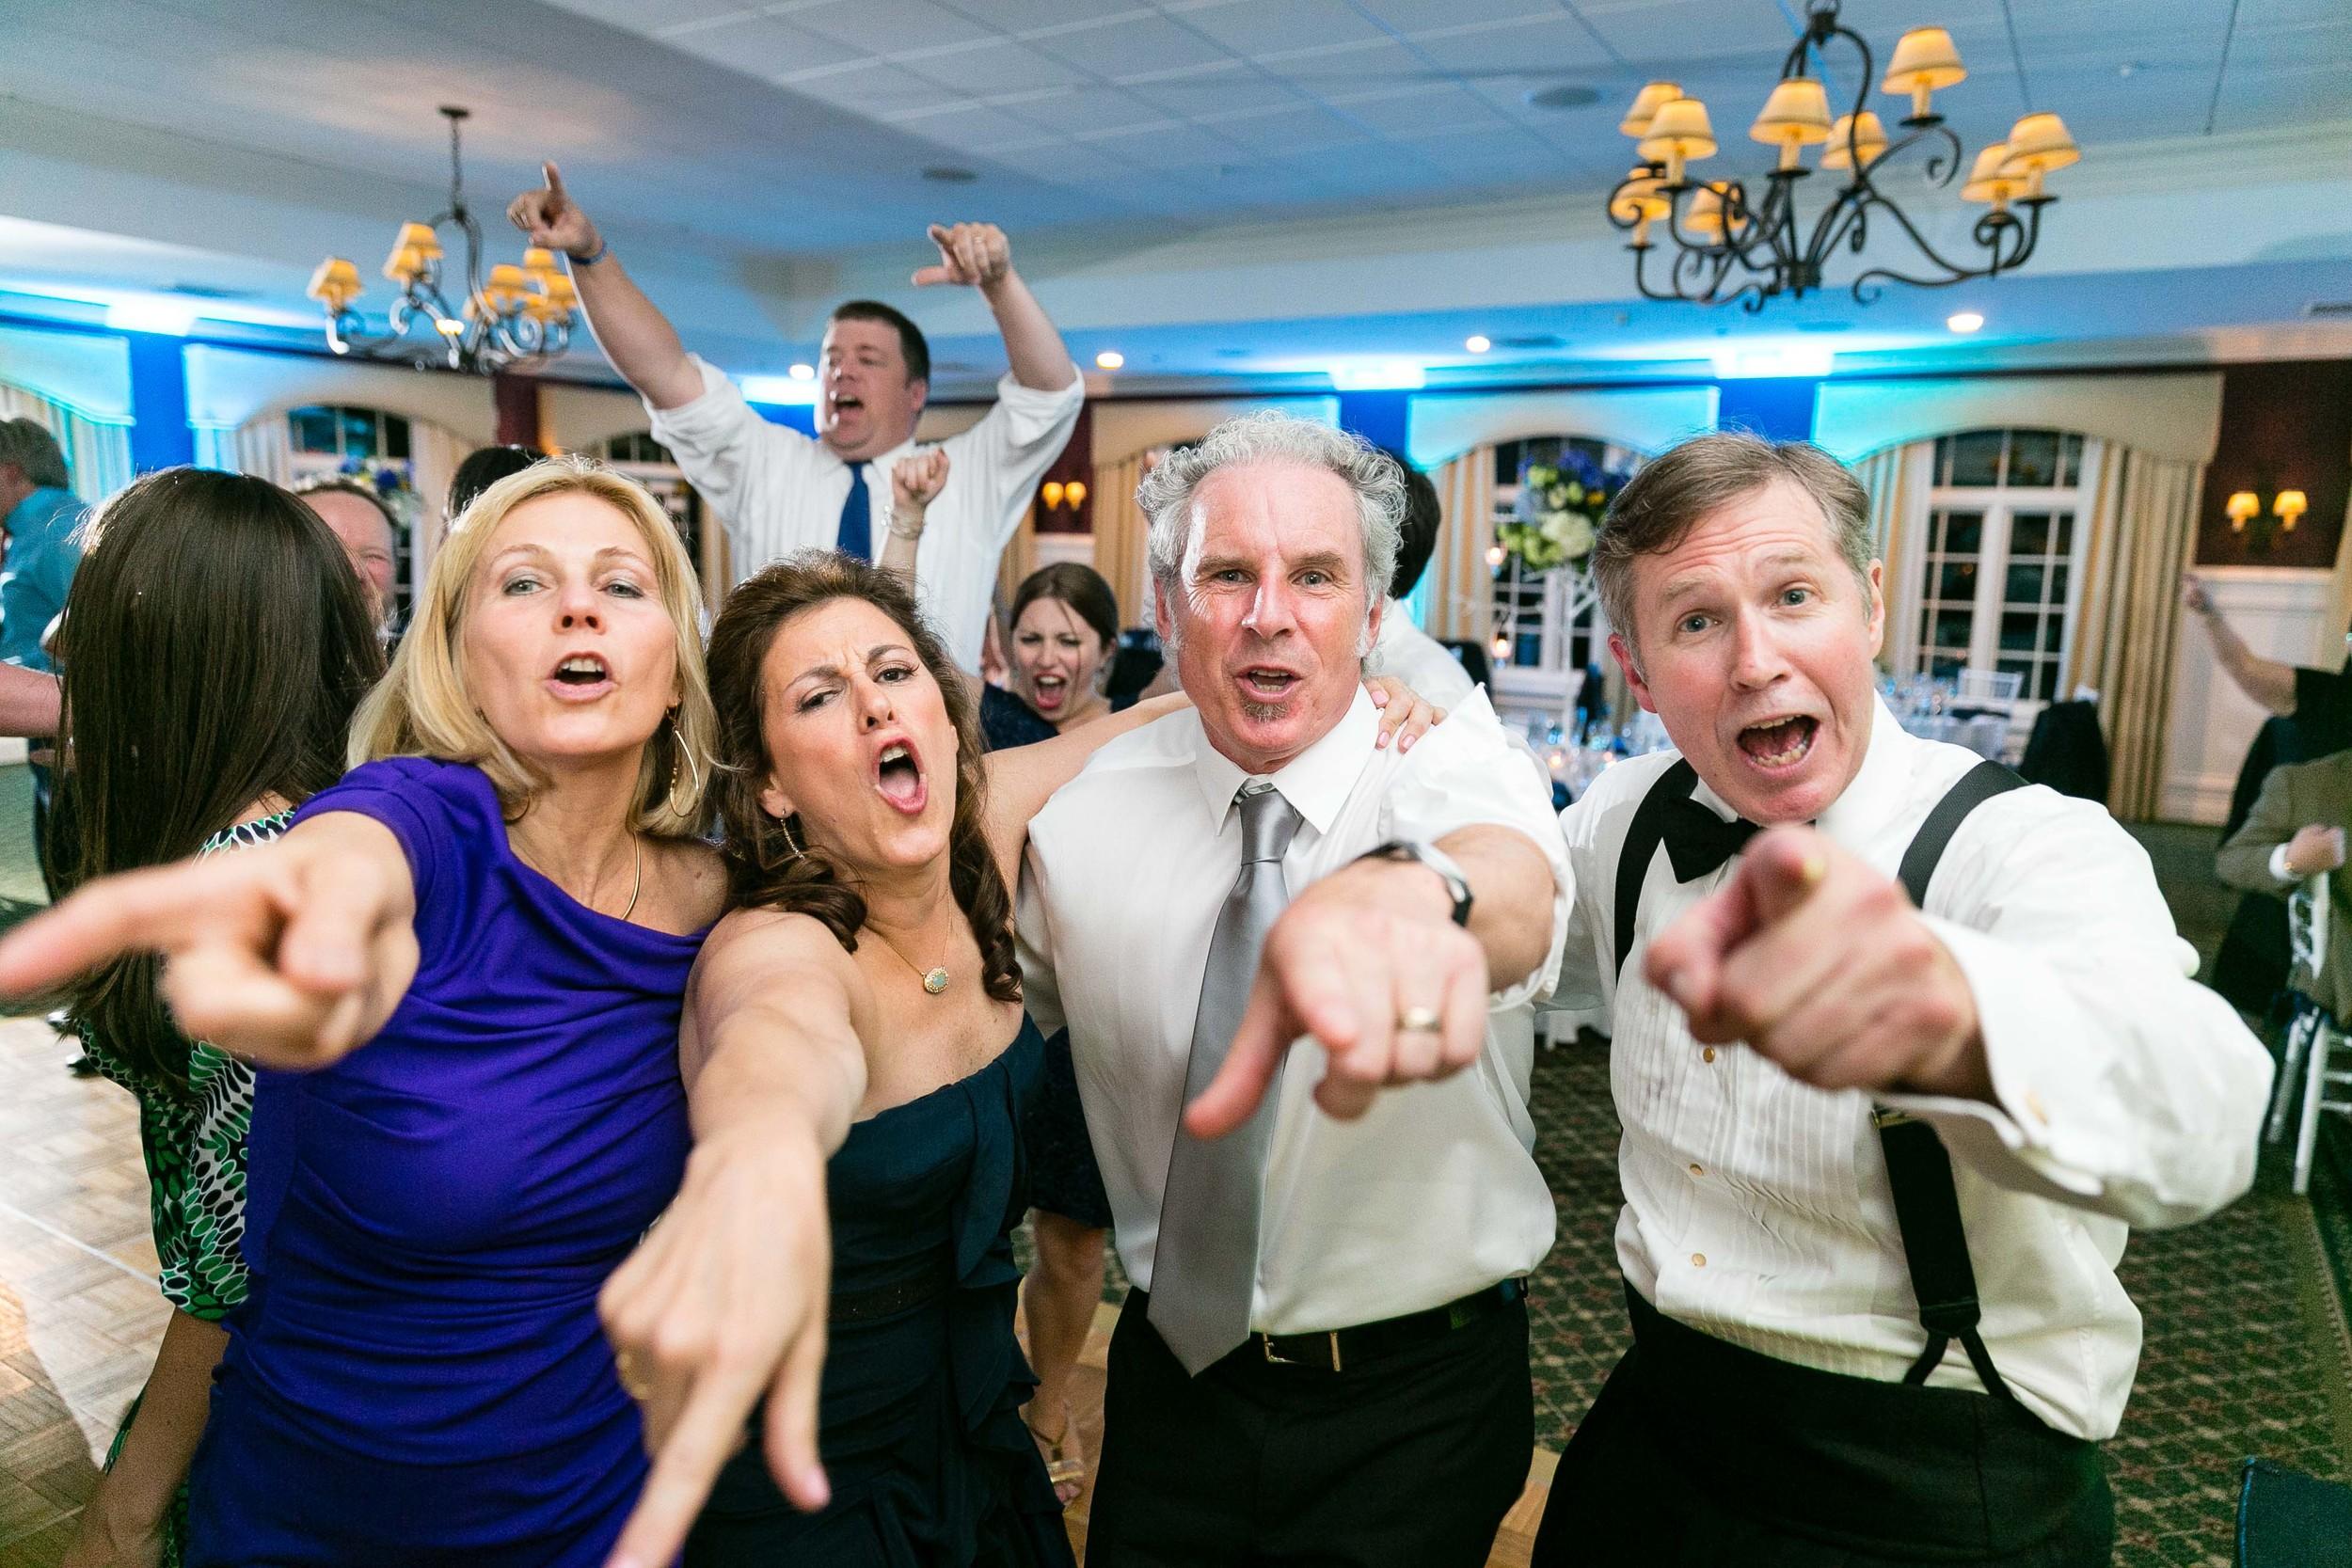 Luxury-Jewish-Wedding-Salem-New-York-Country-Club-Photojournalistic-Wedding-Photography-by-Jacek-Dolata-2.jpg